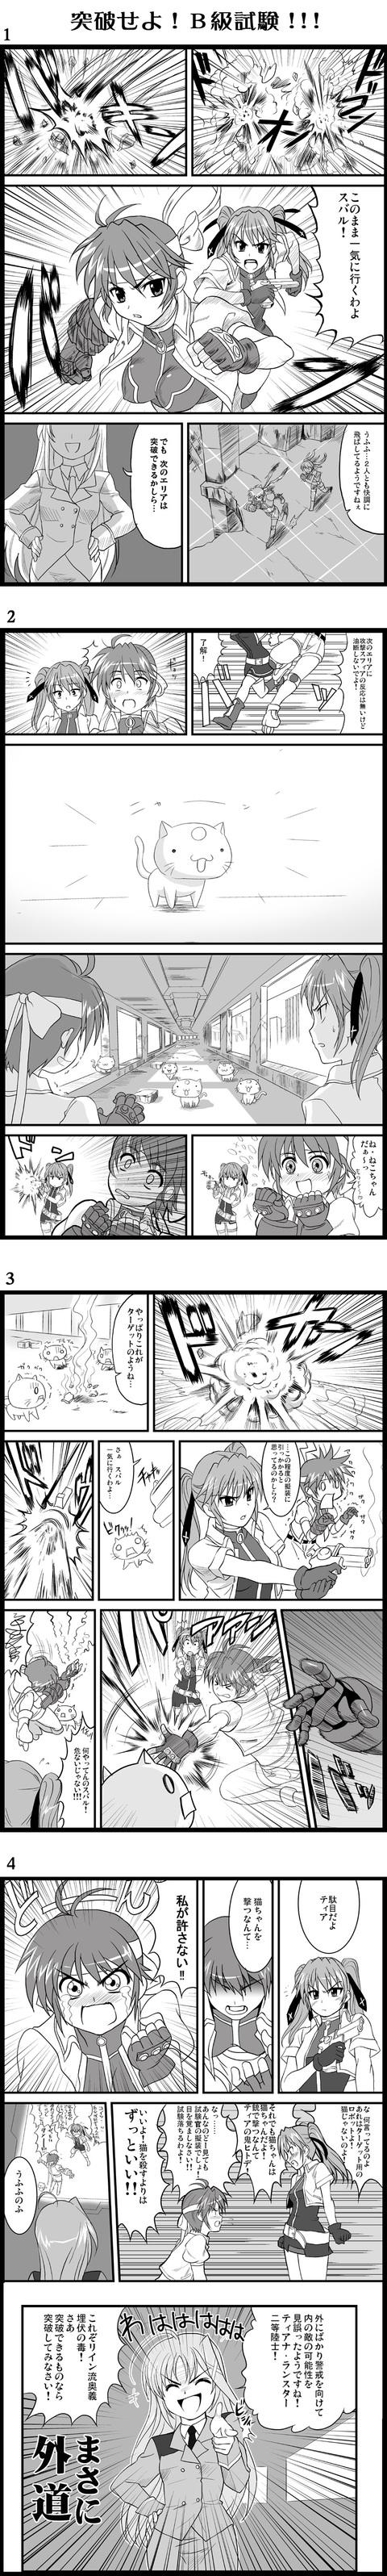 Nanoha_riot6_2